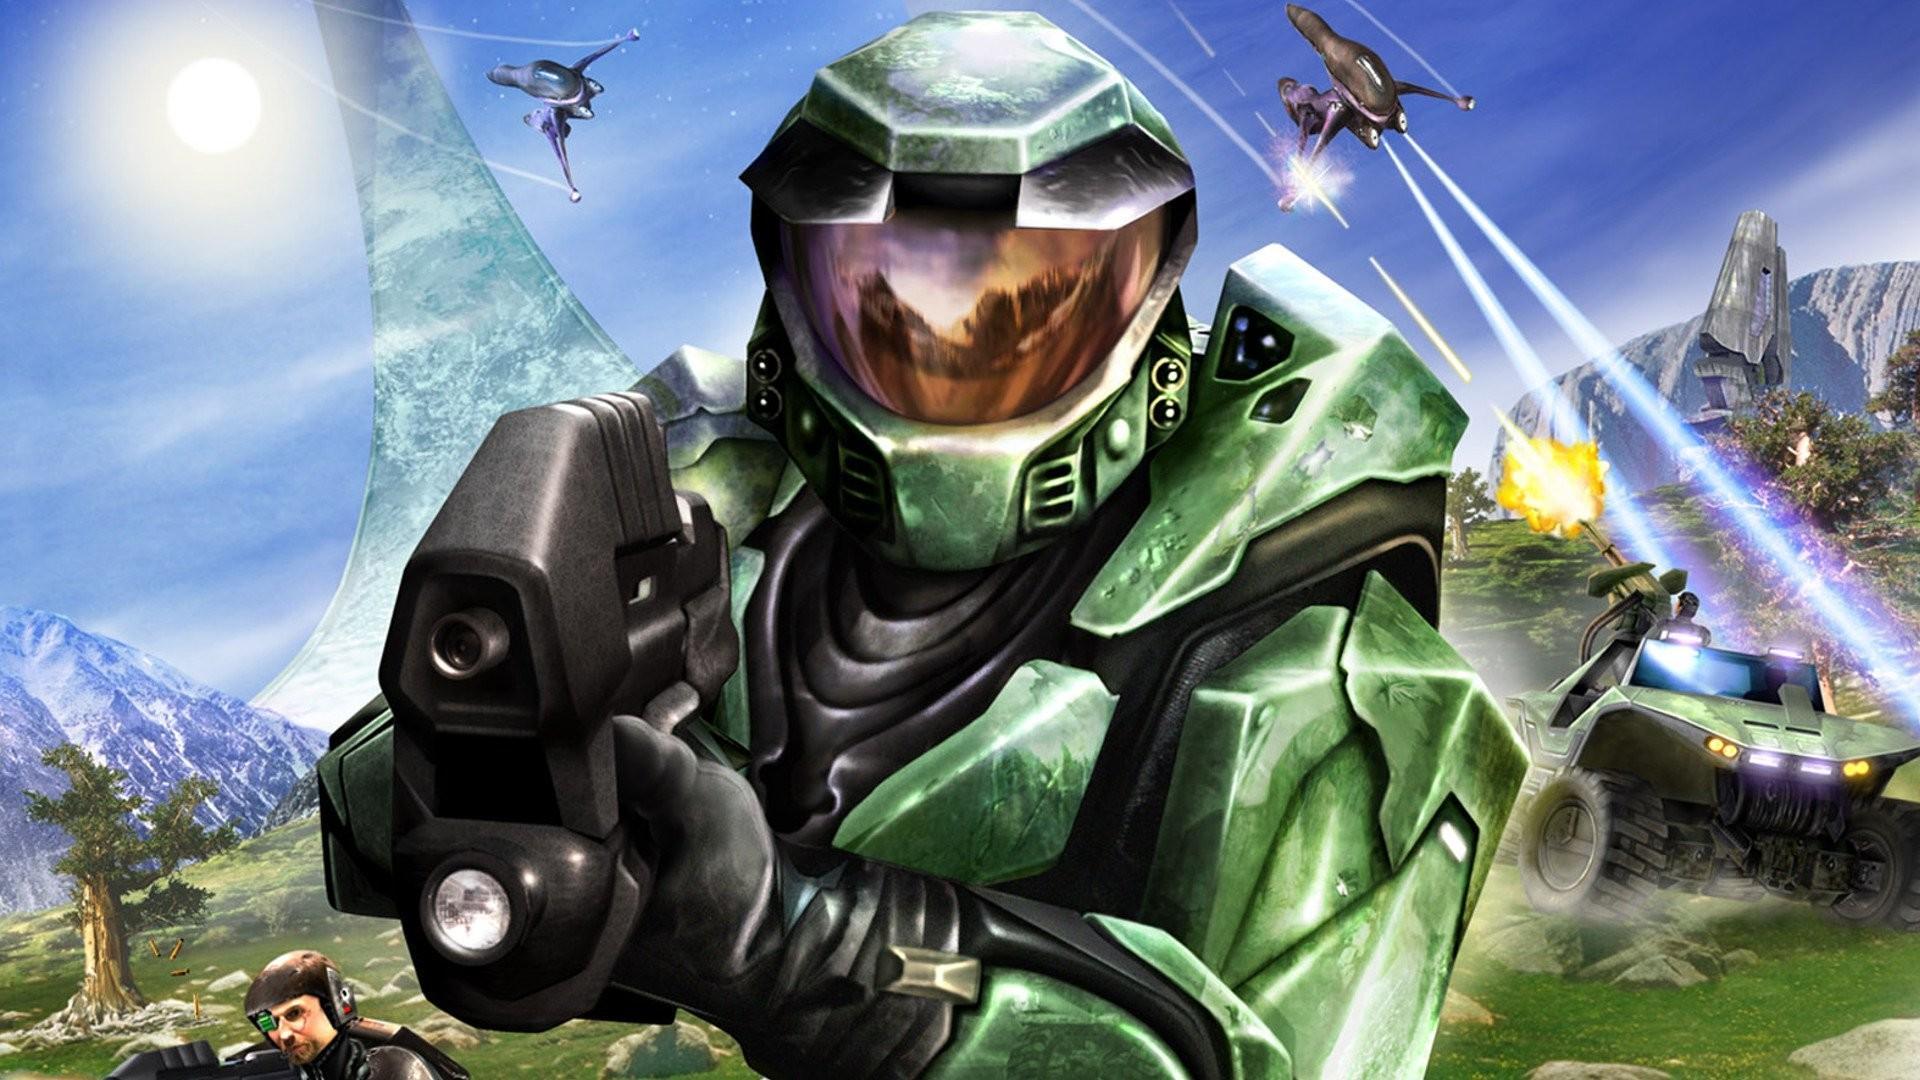 Nå kan du gjenoppleve Halo i oppusset drakt